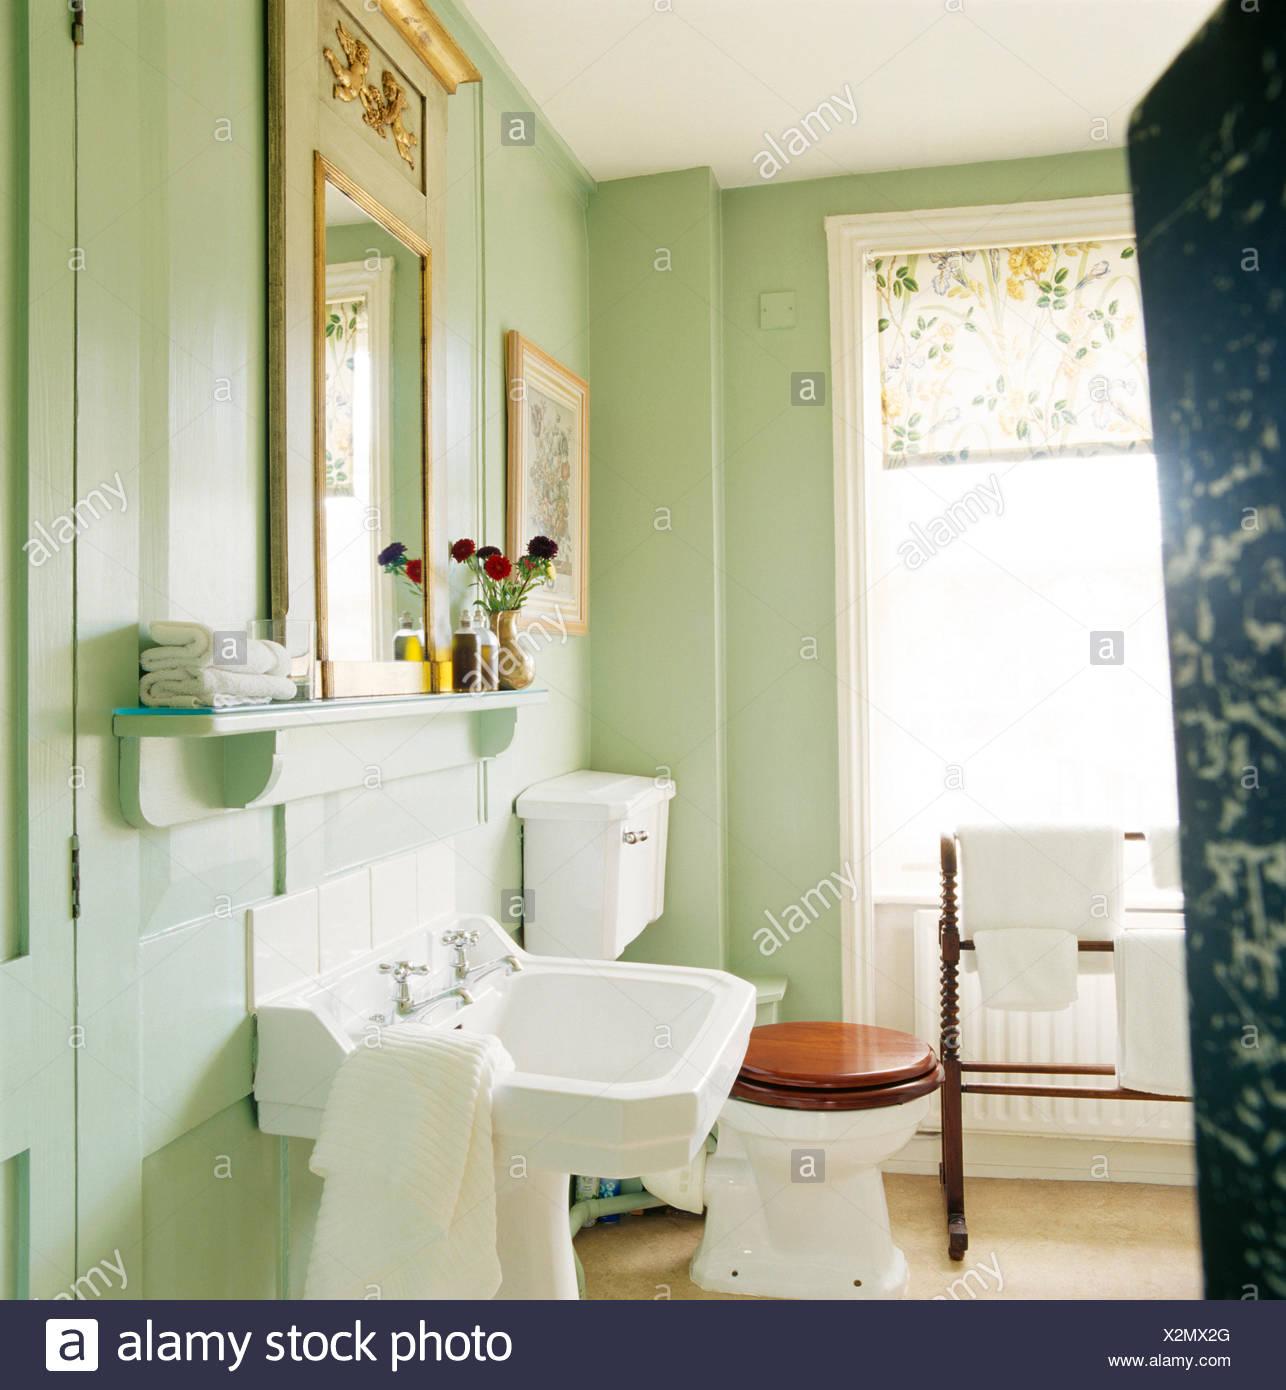 Pastell Grun Badezimmer Mit Weissen Sockel Waschbecken Und Toilette